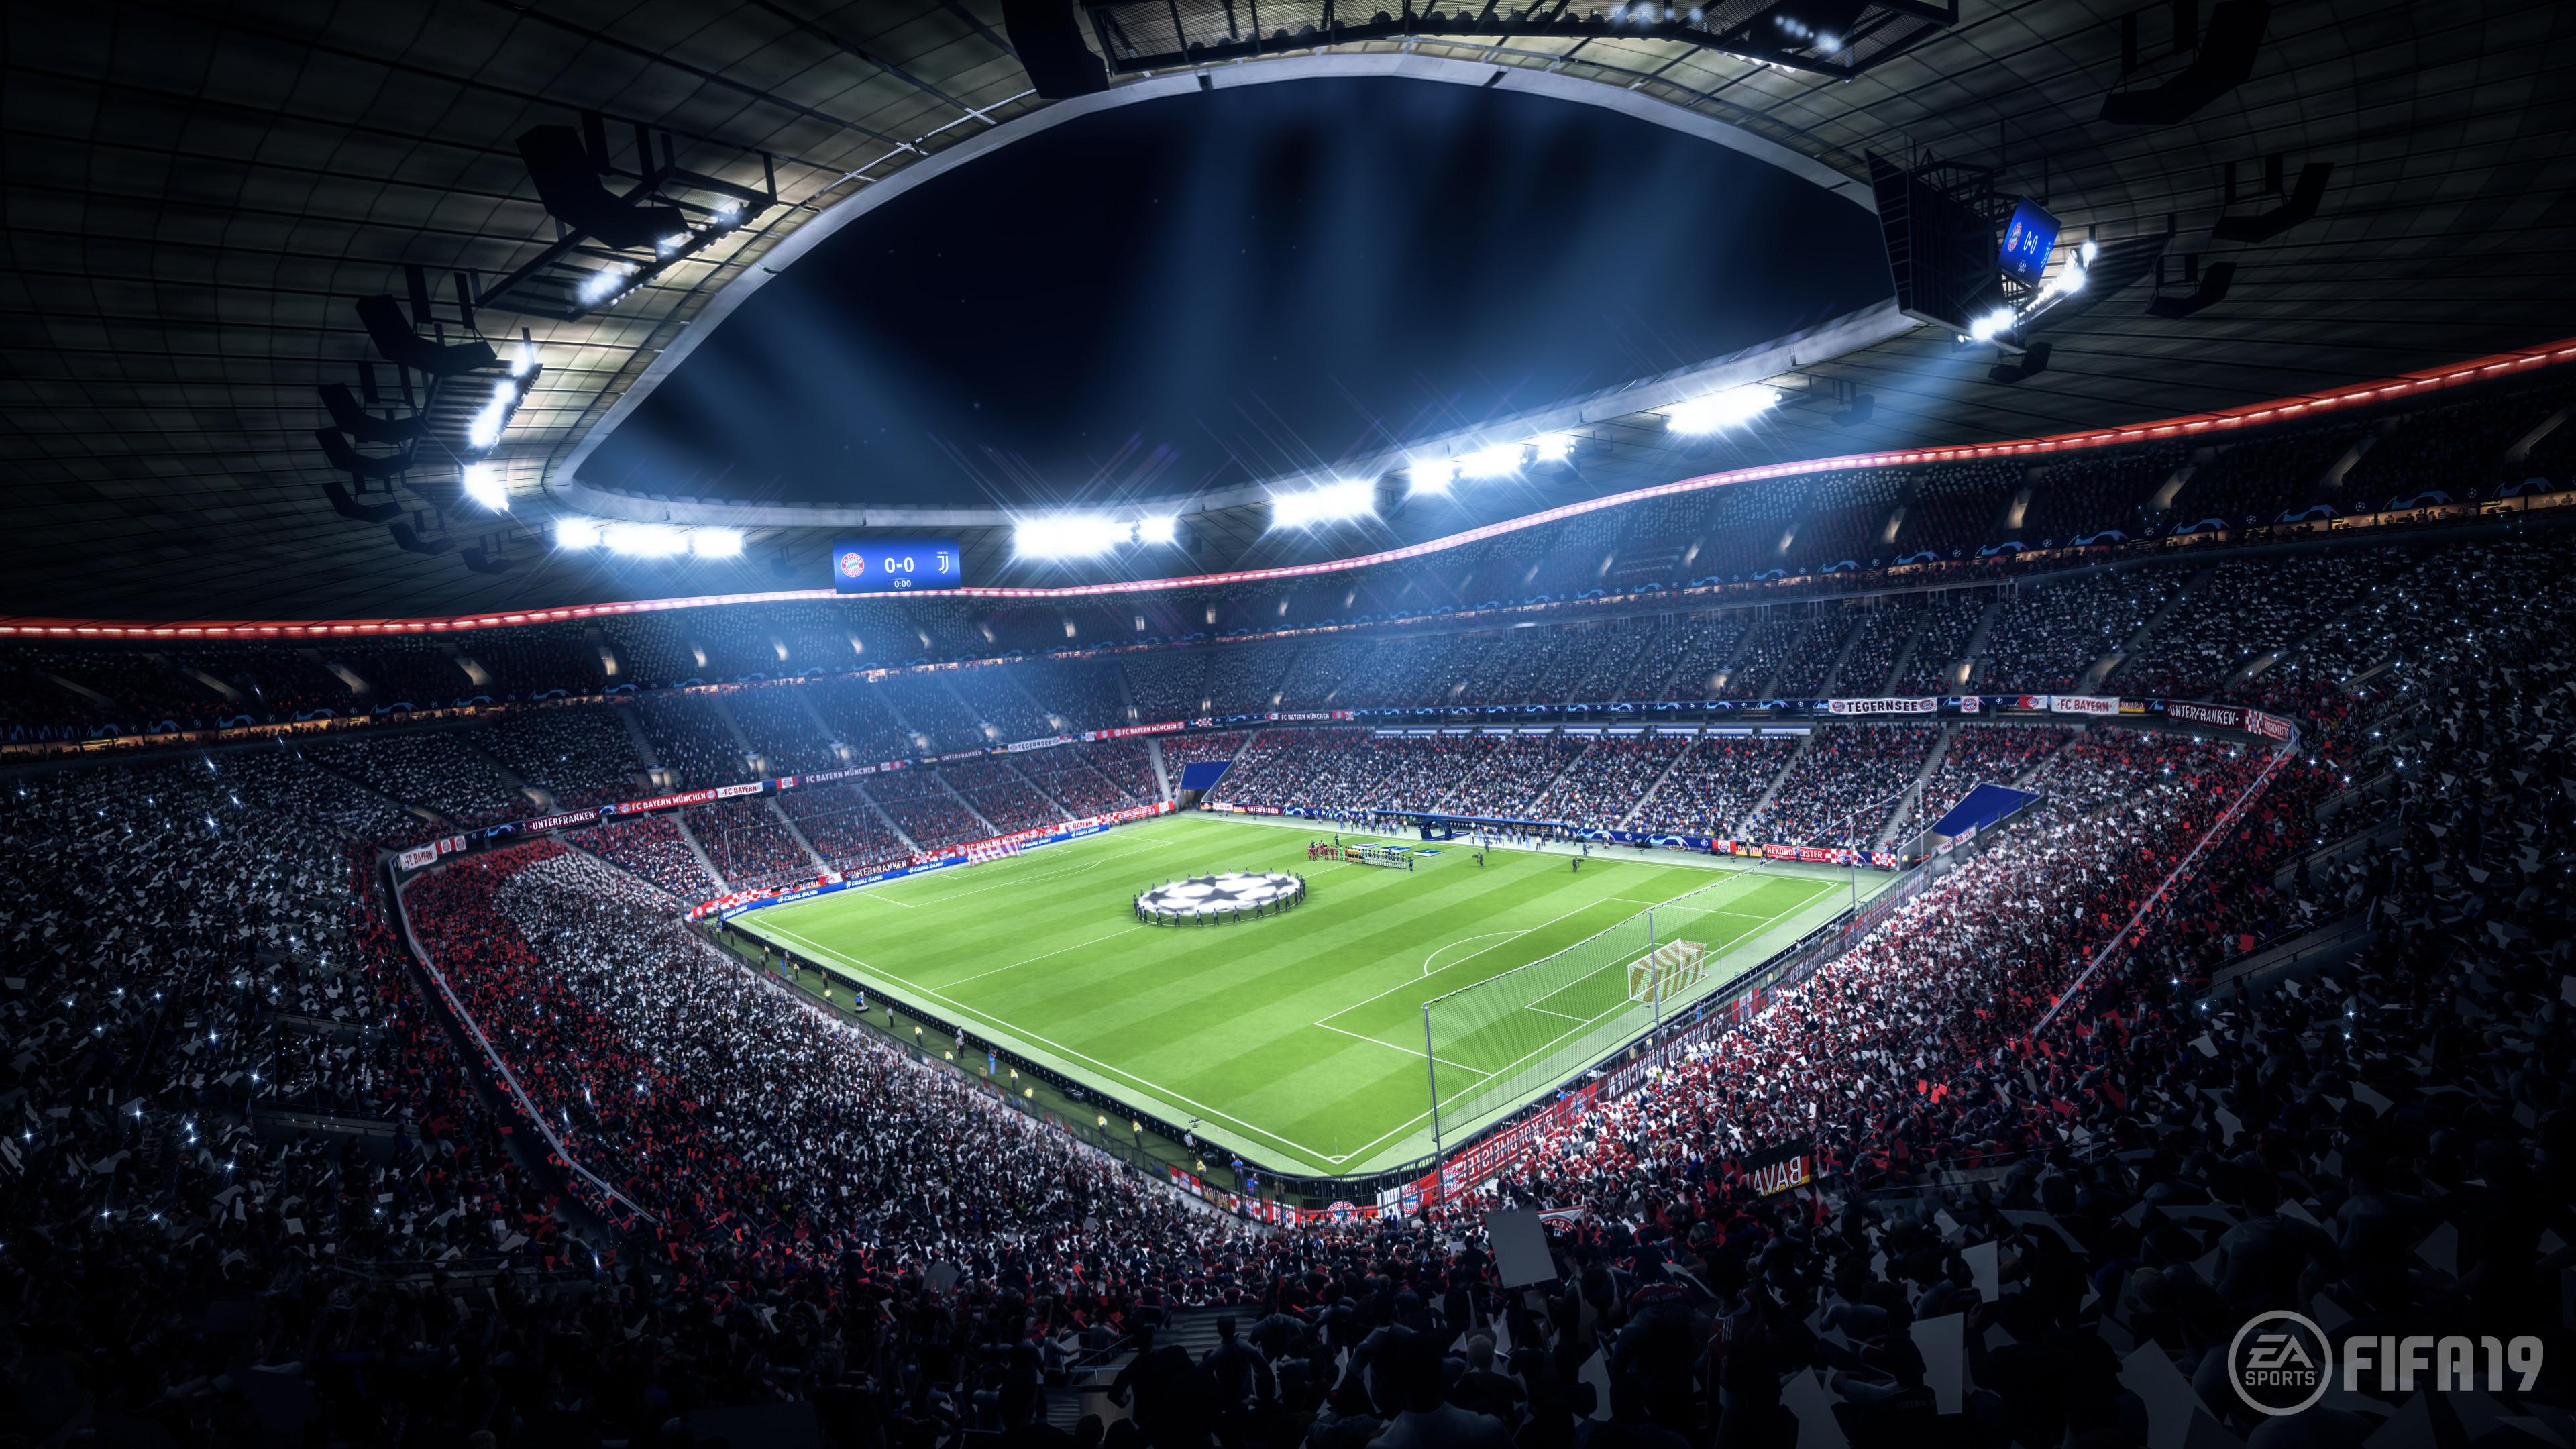 Res: 3840x2160, Fifa 19 Stadium 4k